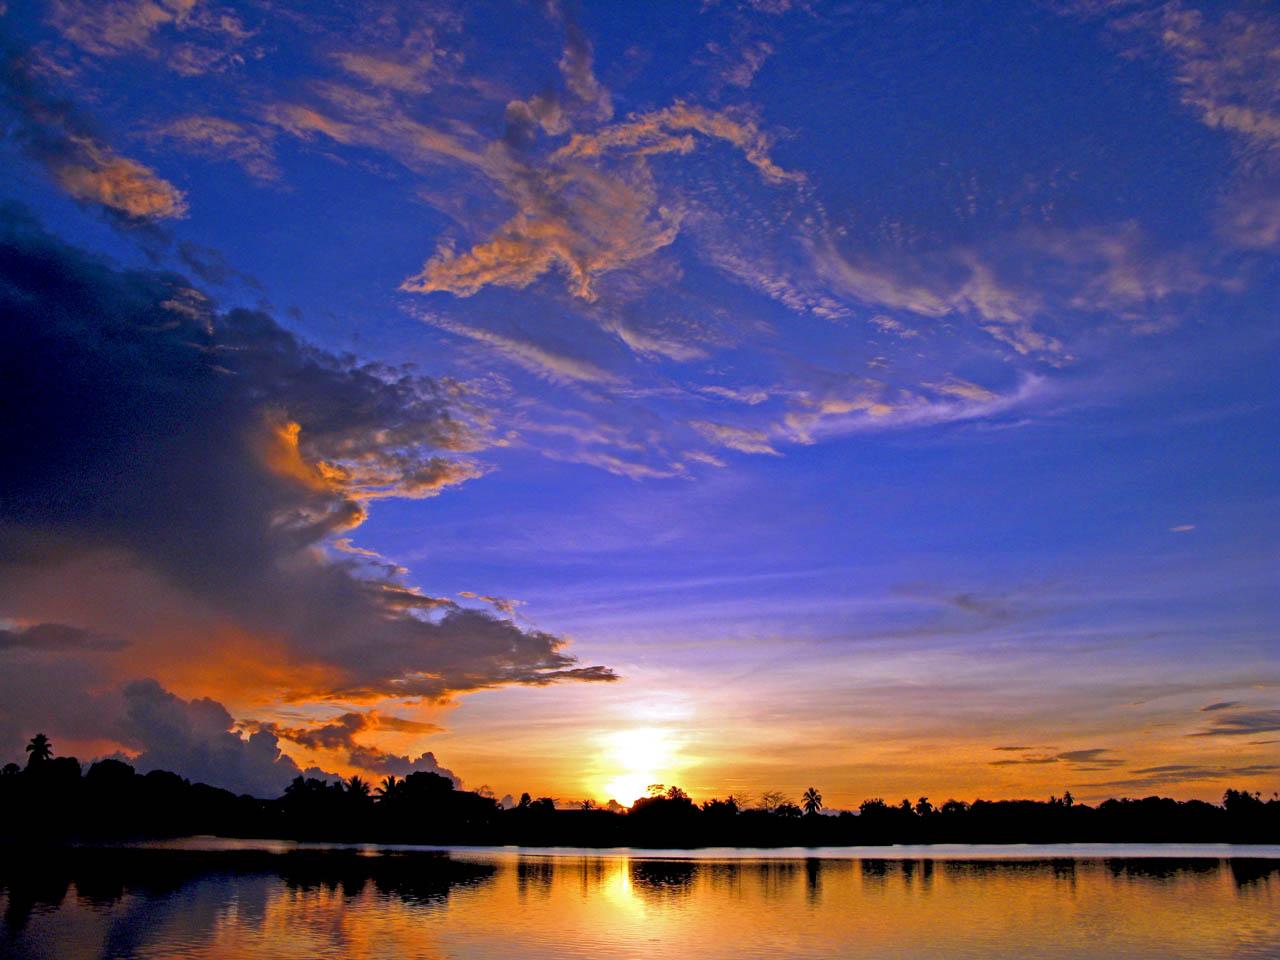 صور صباح الجمال , كلمات جميله للصباح